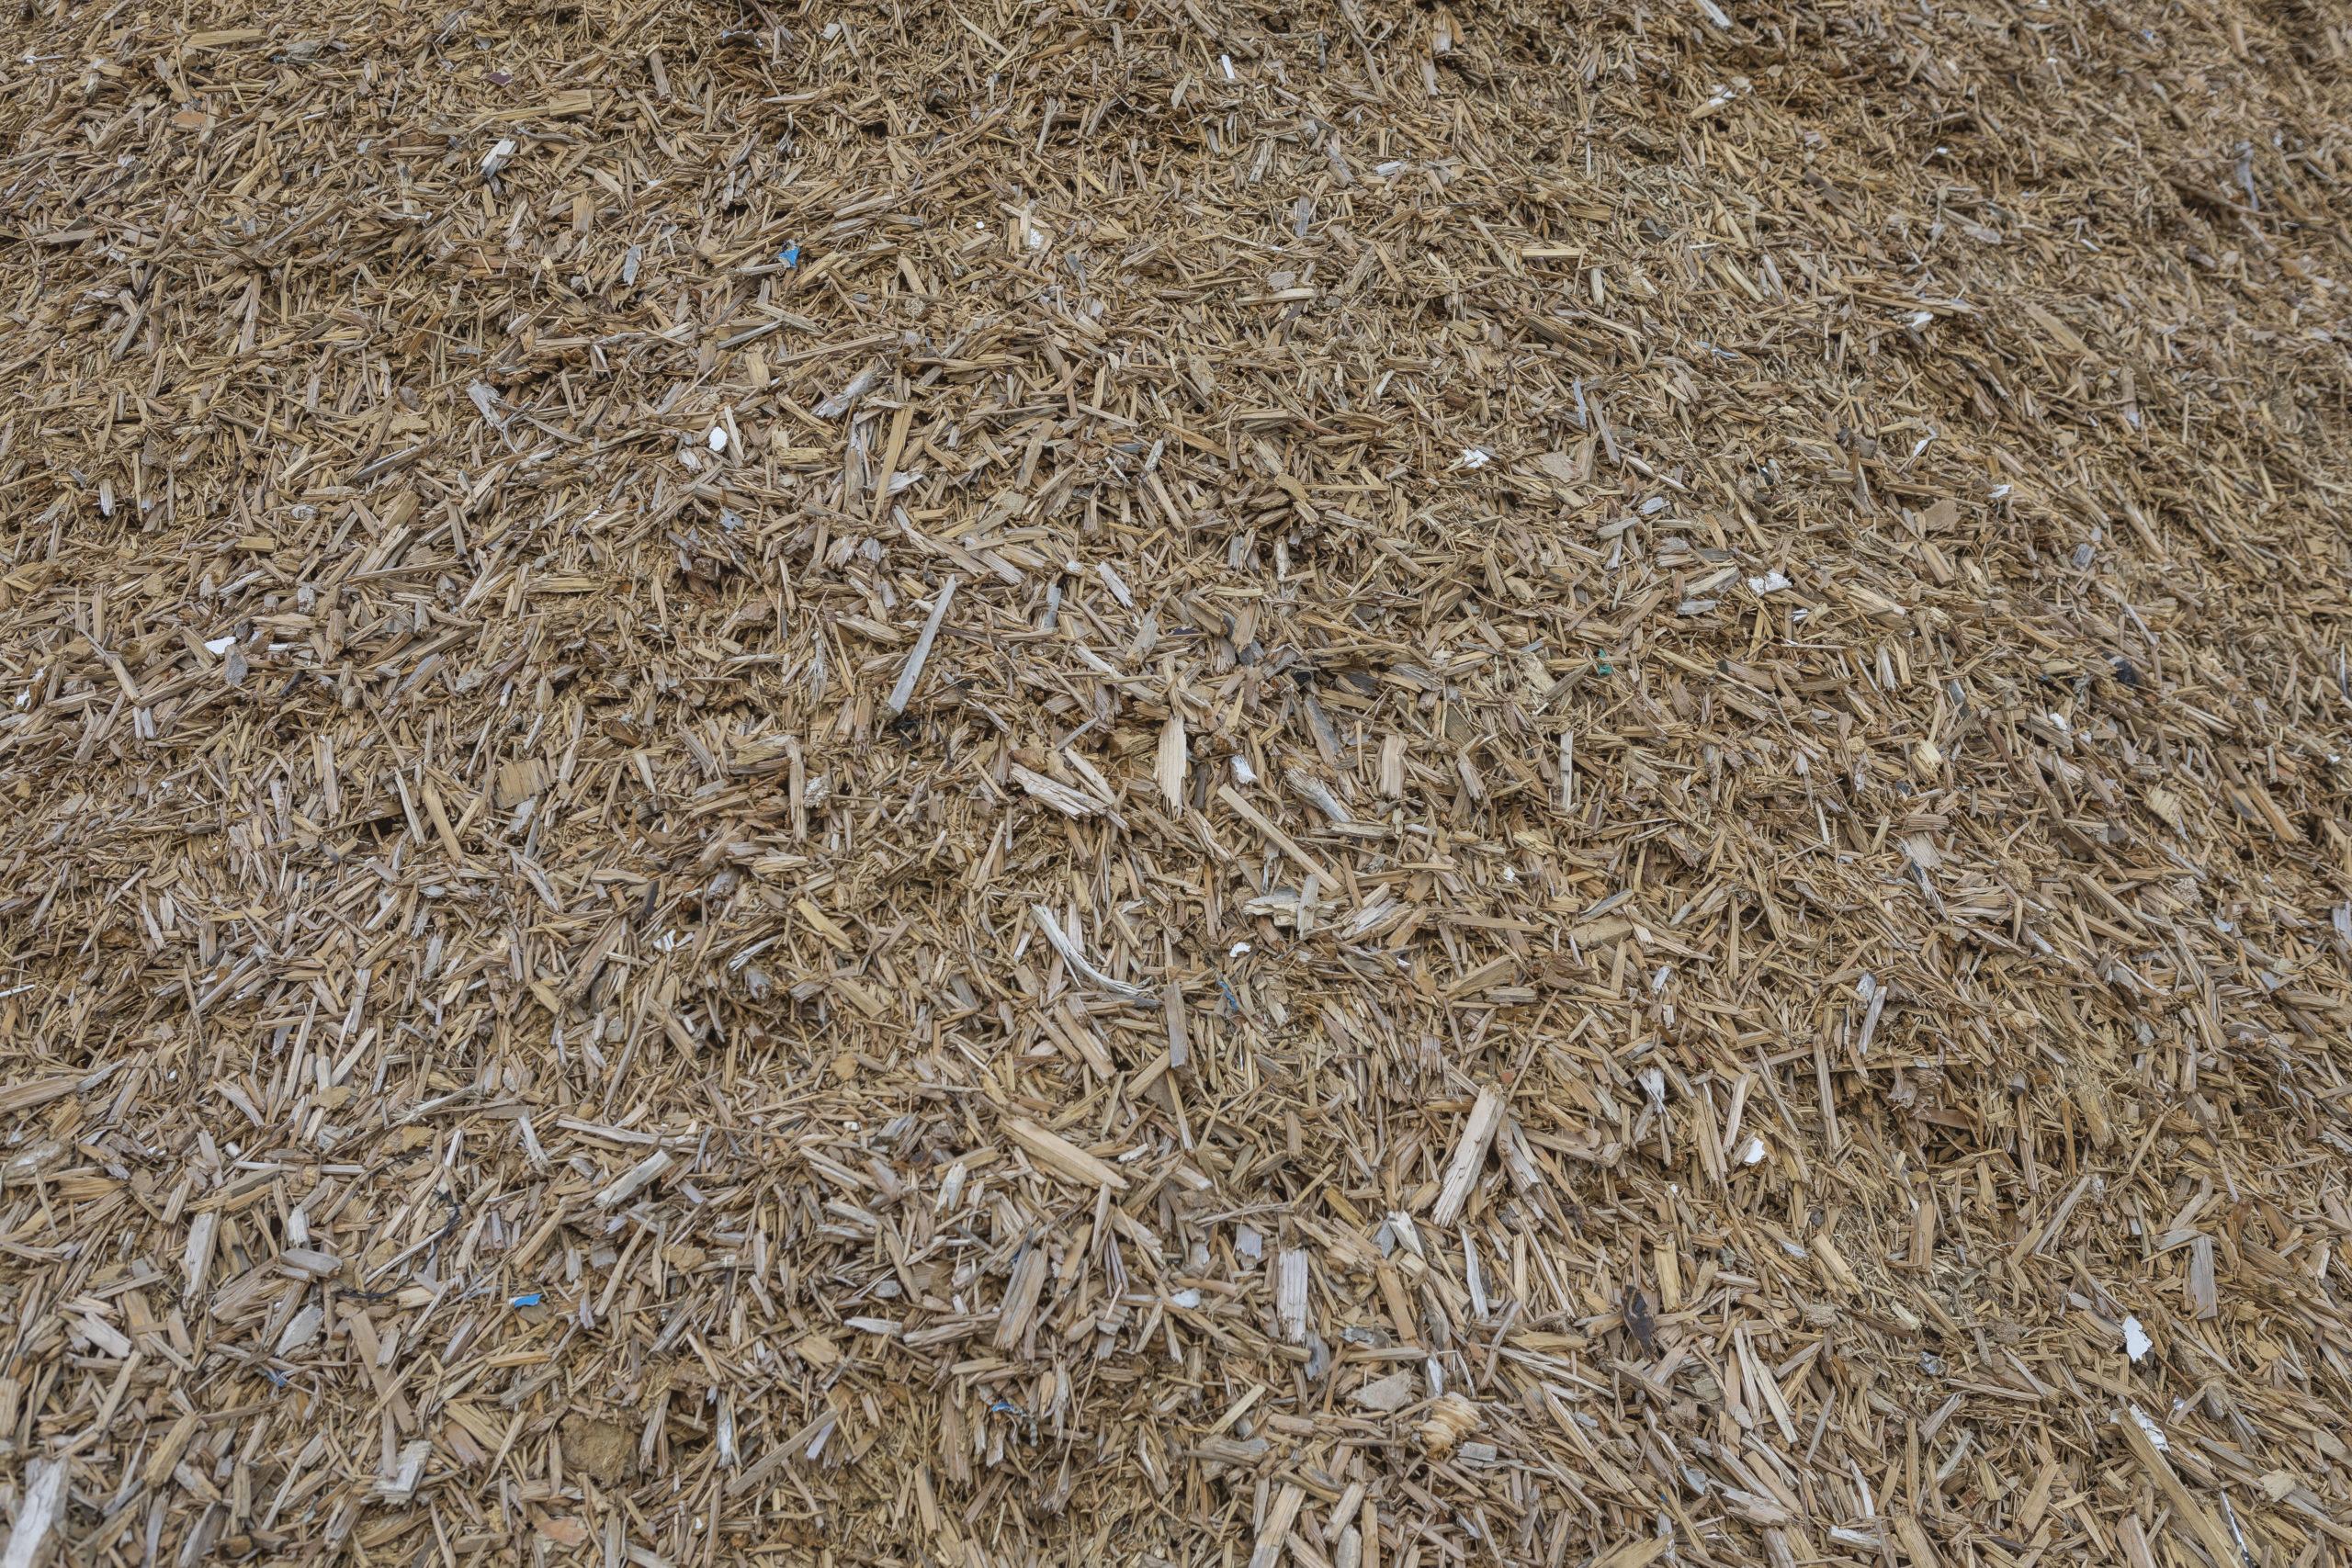 Nurmijärven jätteidenkäsittelyalueella haketetaan puuta 21.4. alkaen